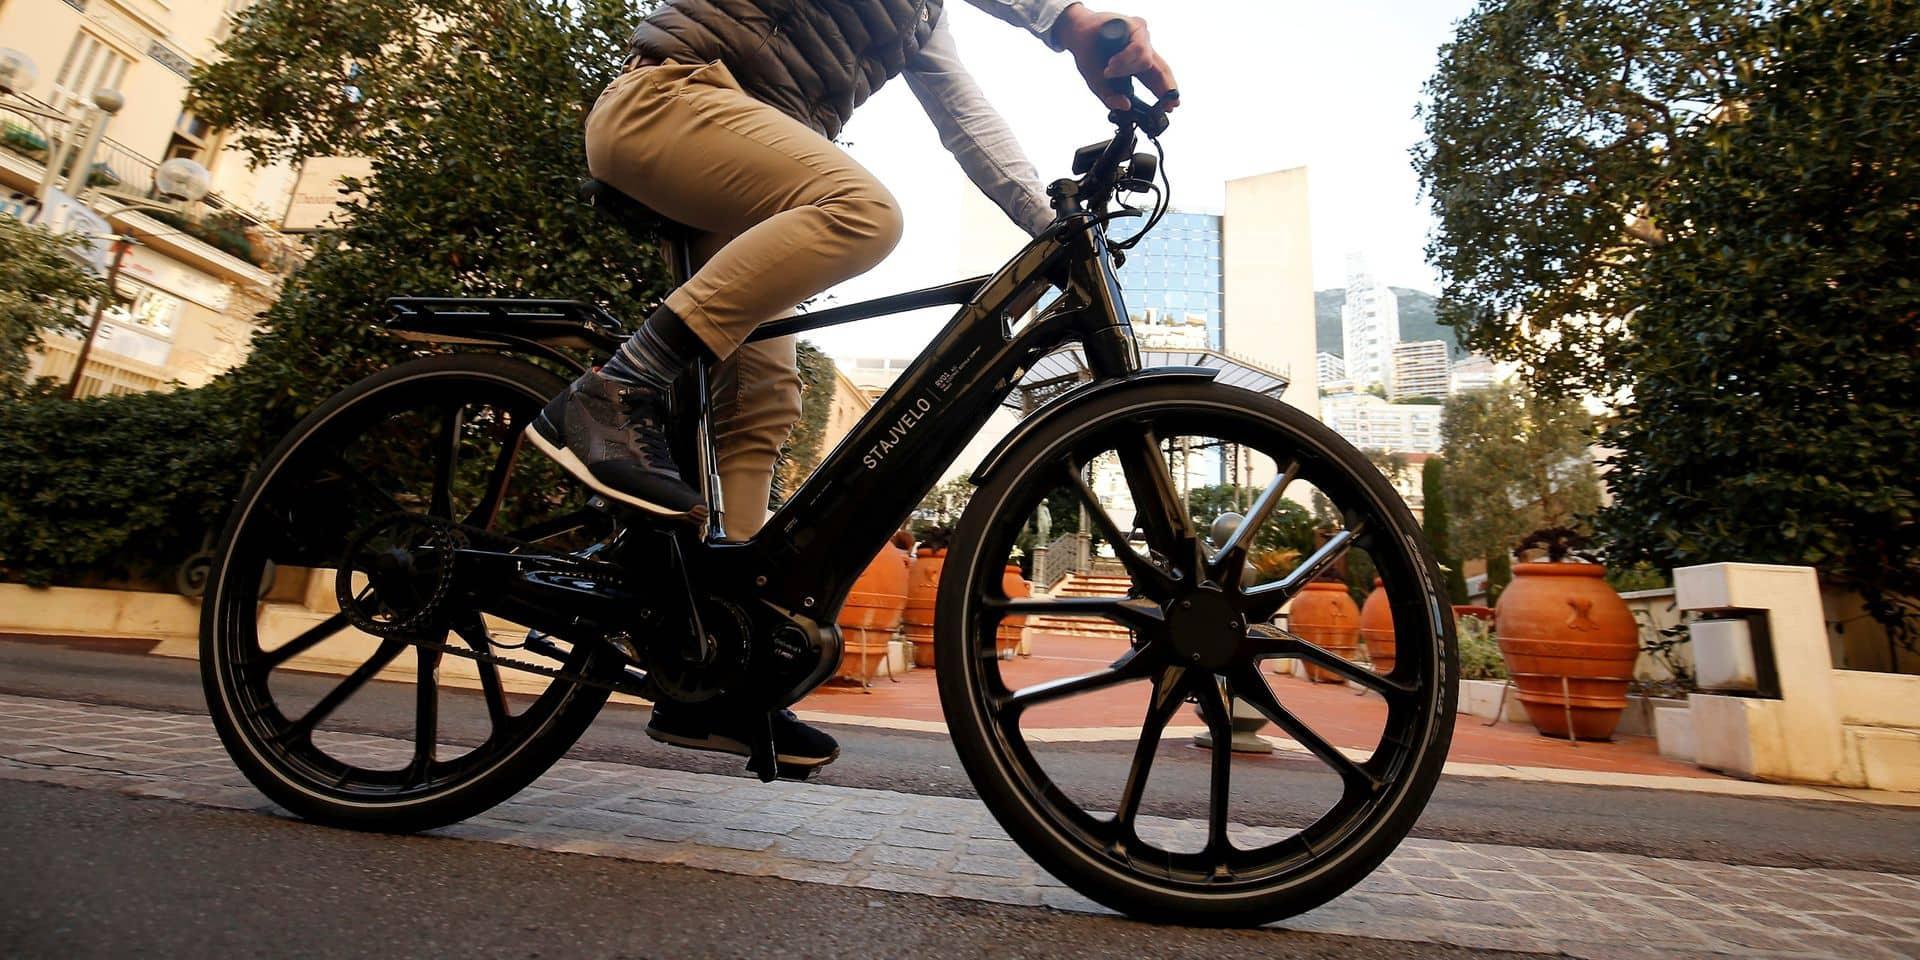 """Jusqu'à 400 euros de prime pour s'acheter un vélo électrique en Wallonie: """"Un bon moment pour un changement de mentalité"""""""